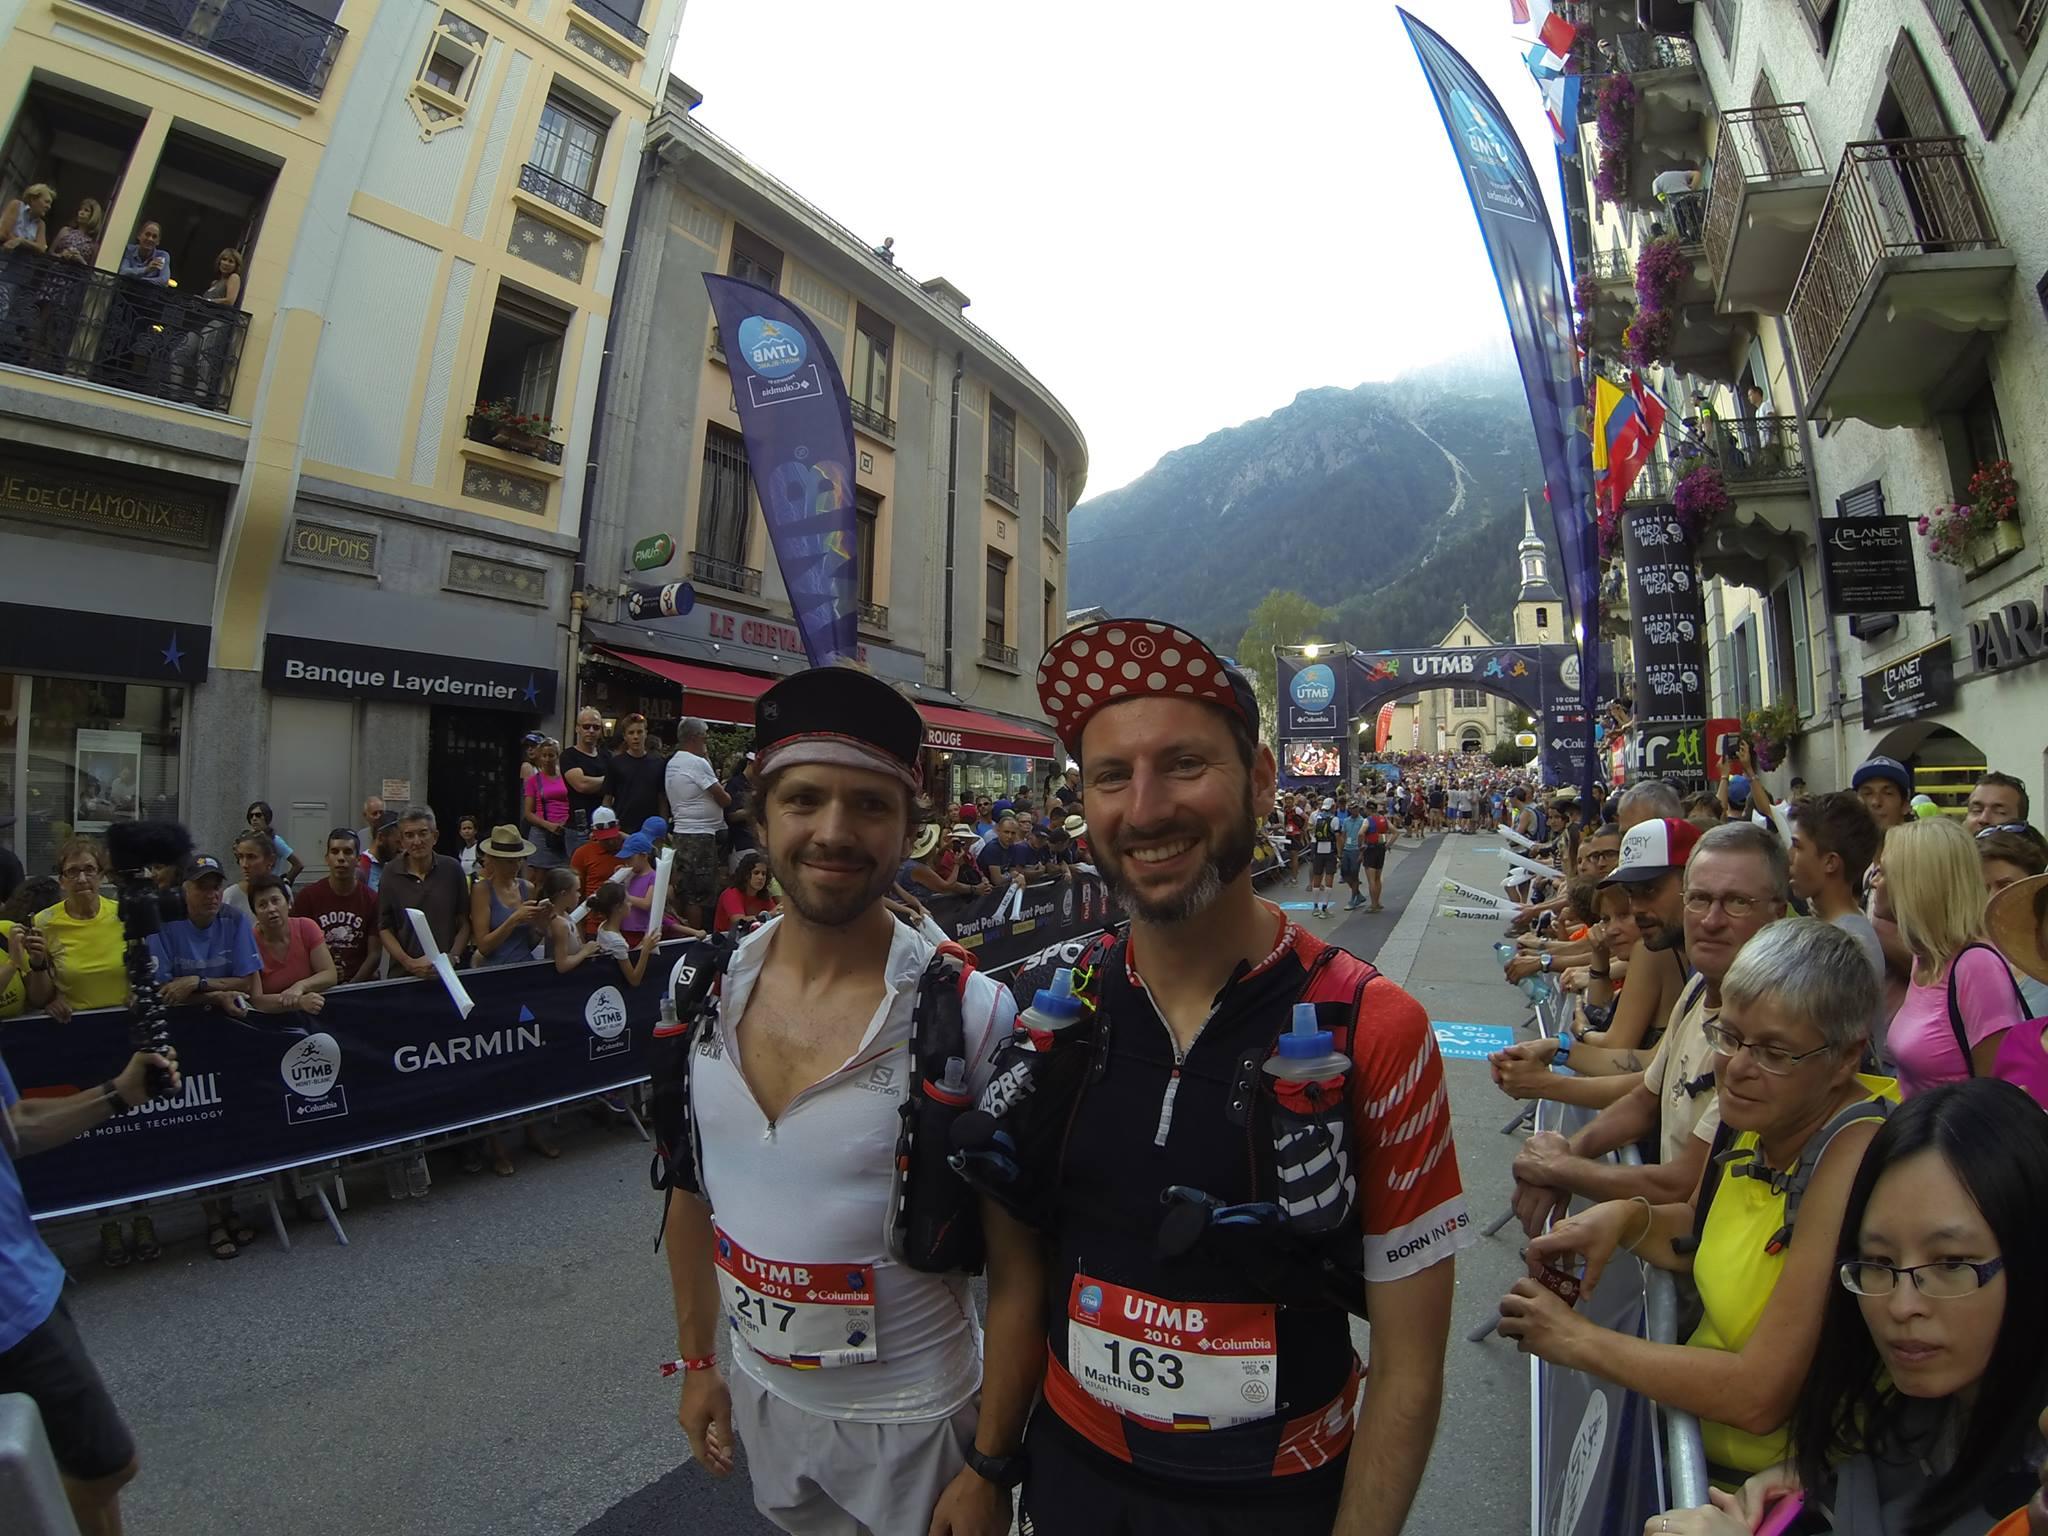 Mit Matthias Krah vor dem Start in Chamonix (Bild: Oliver Binz)